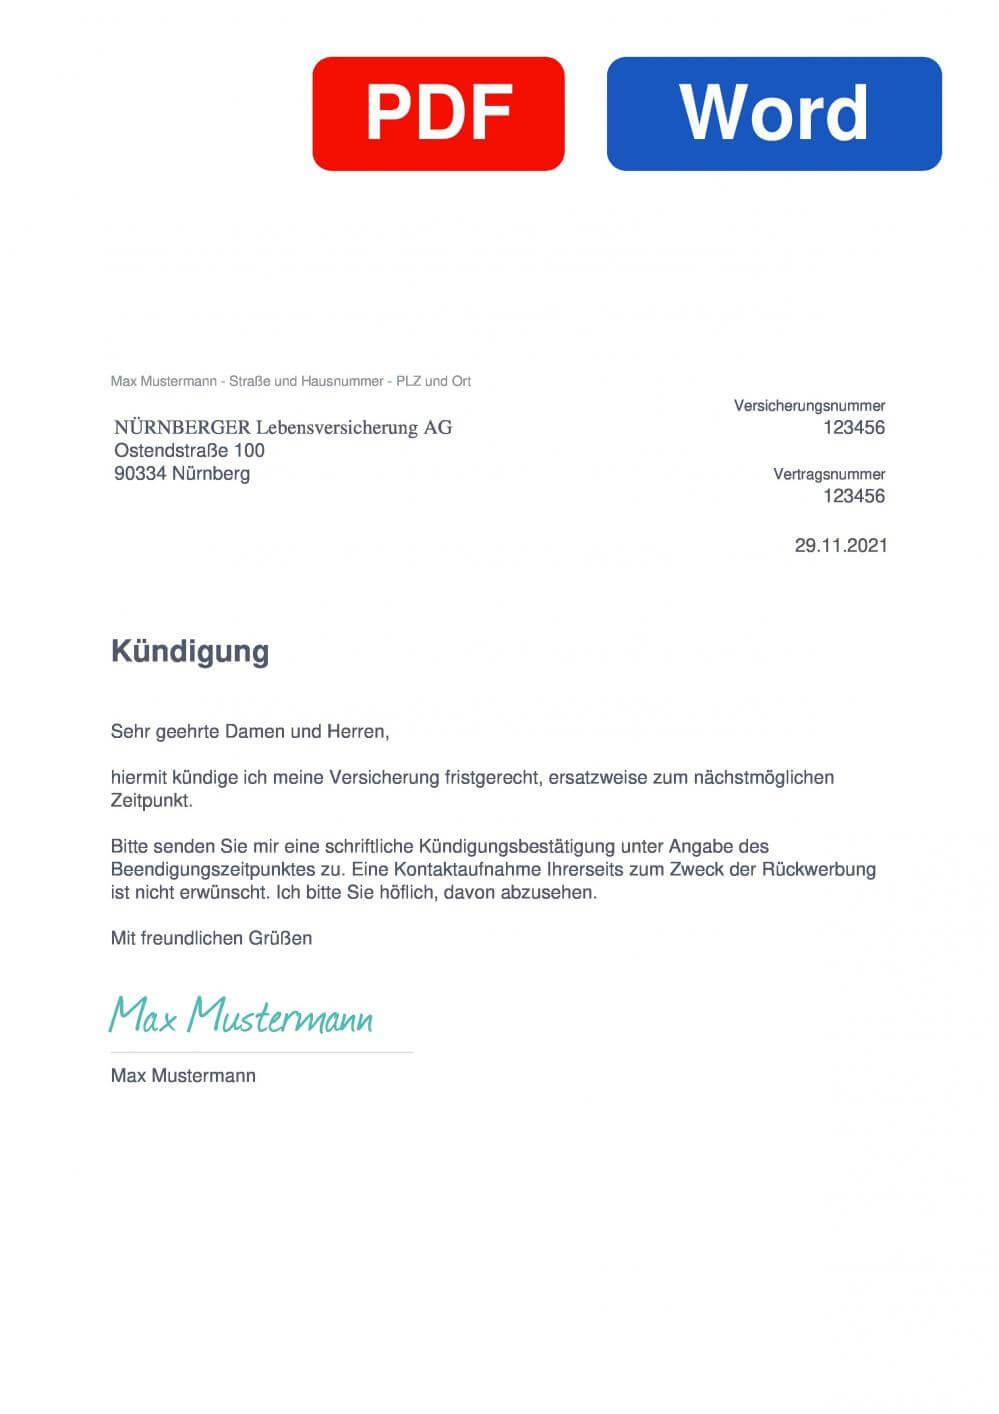 NÜRNBERGER Fondsgebundene Rentenversicherung Muster Vorlage für Kündigungsschreiben